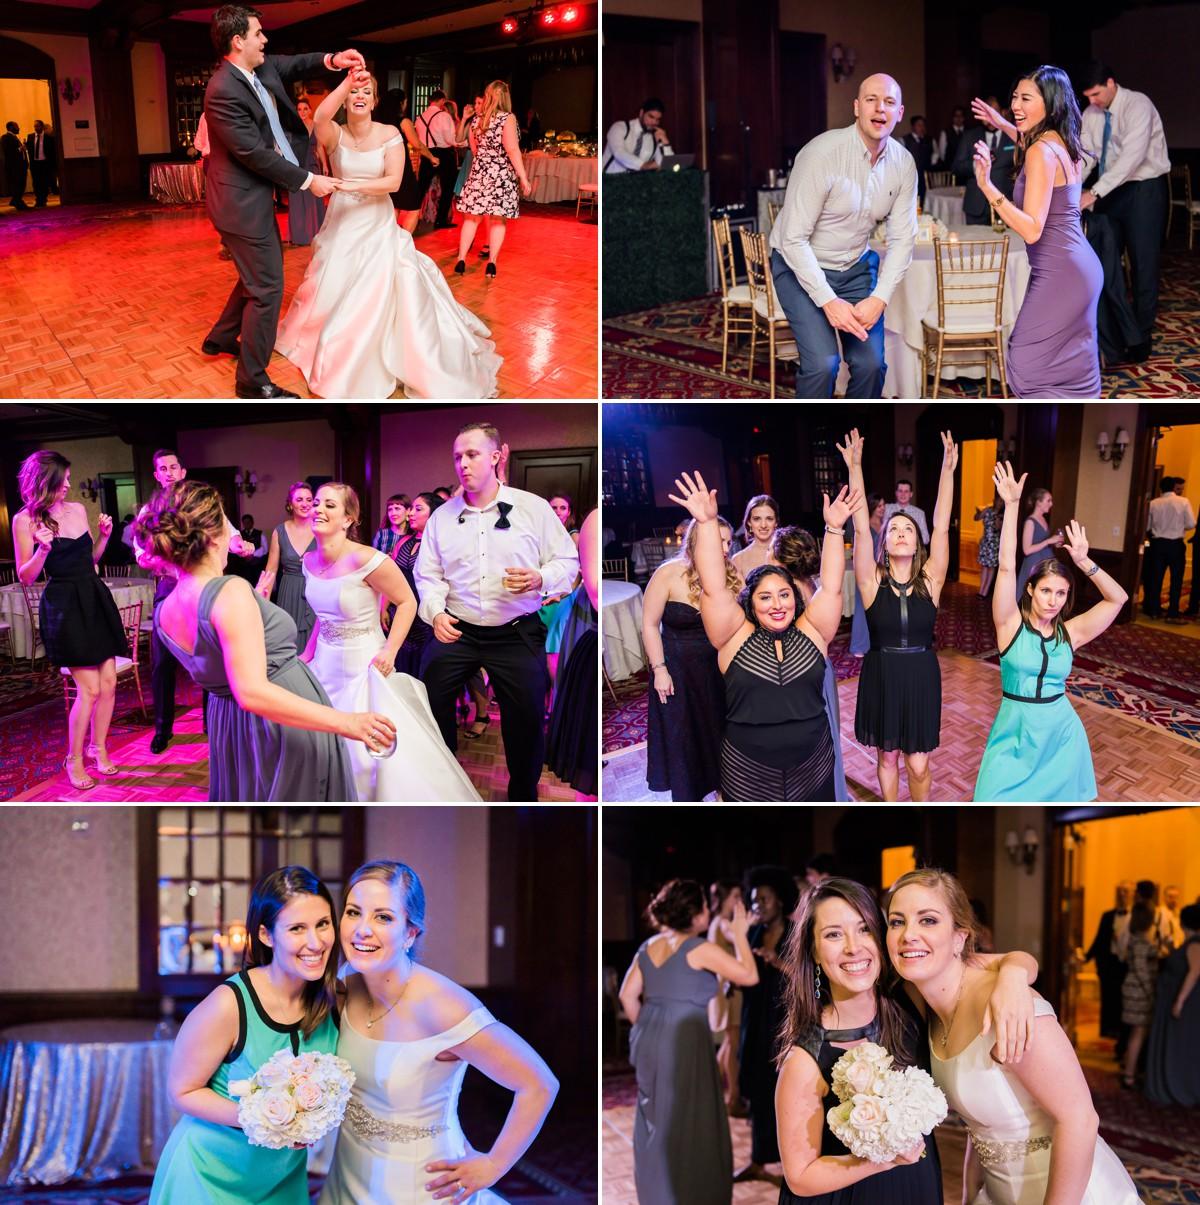 Lauren & Ben Wedding Photos by Nate Messarra